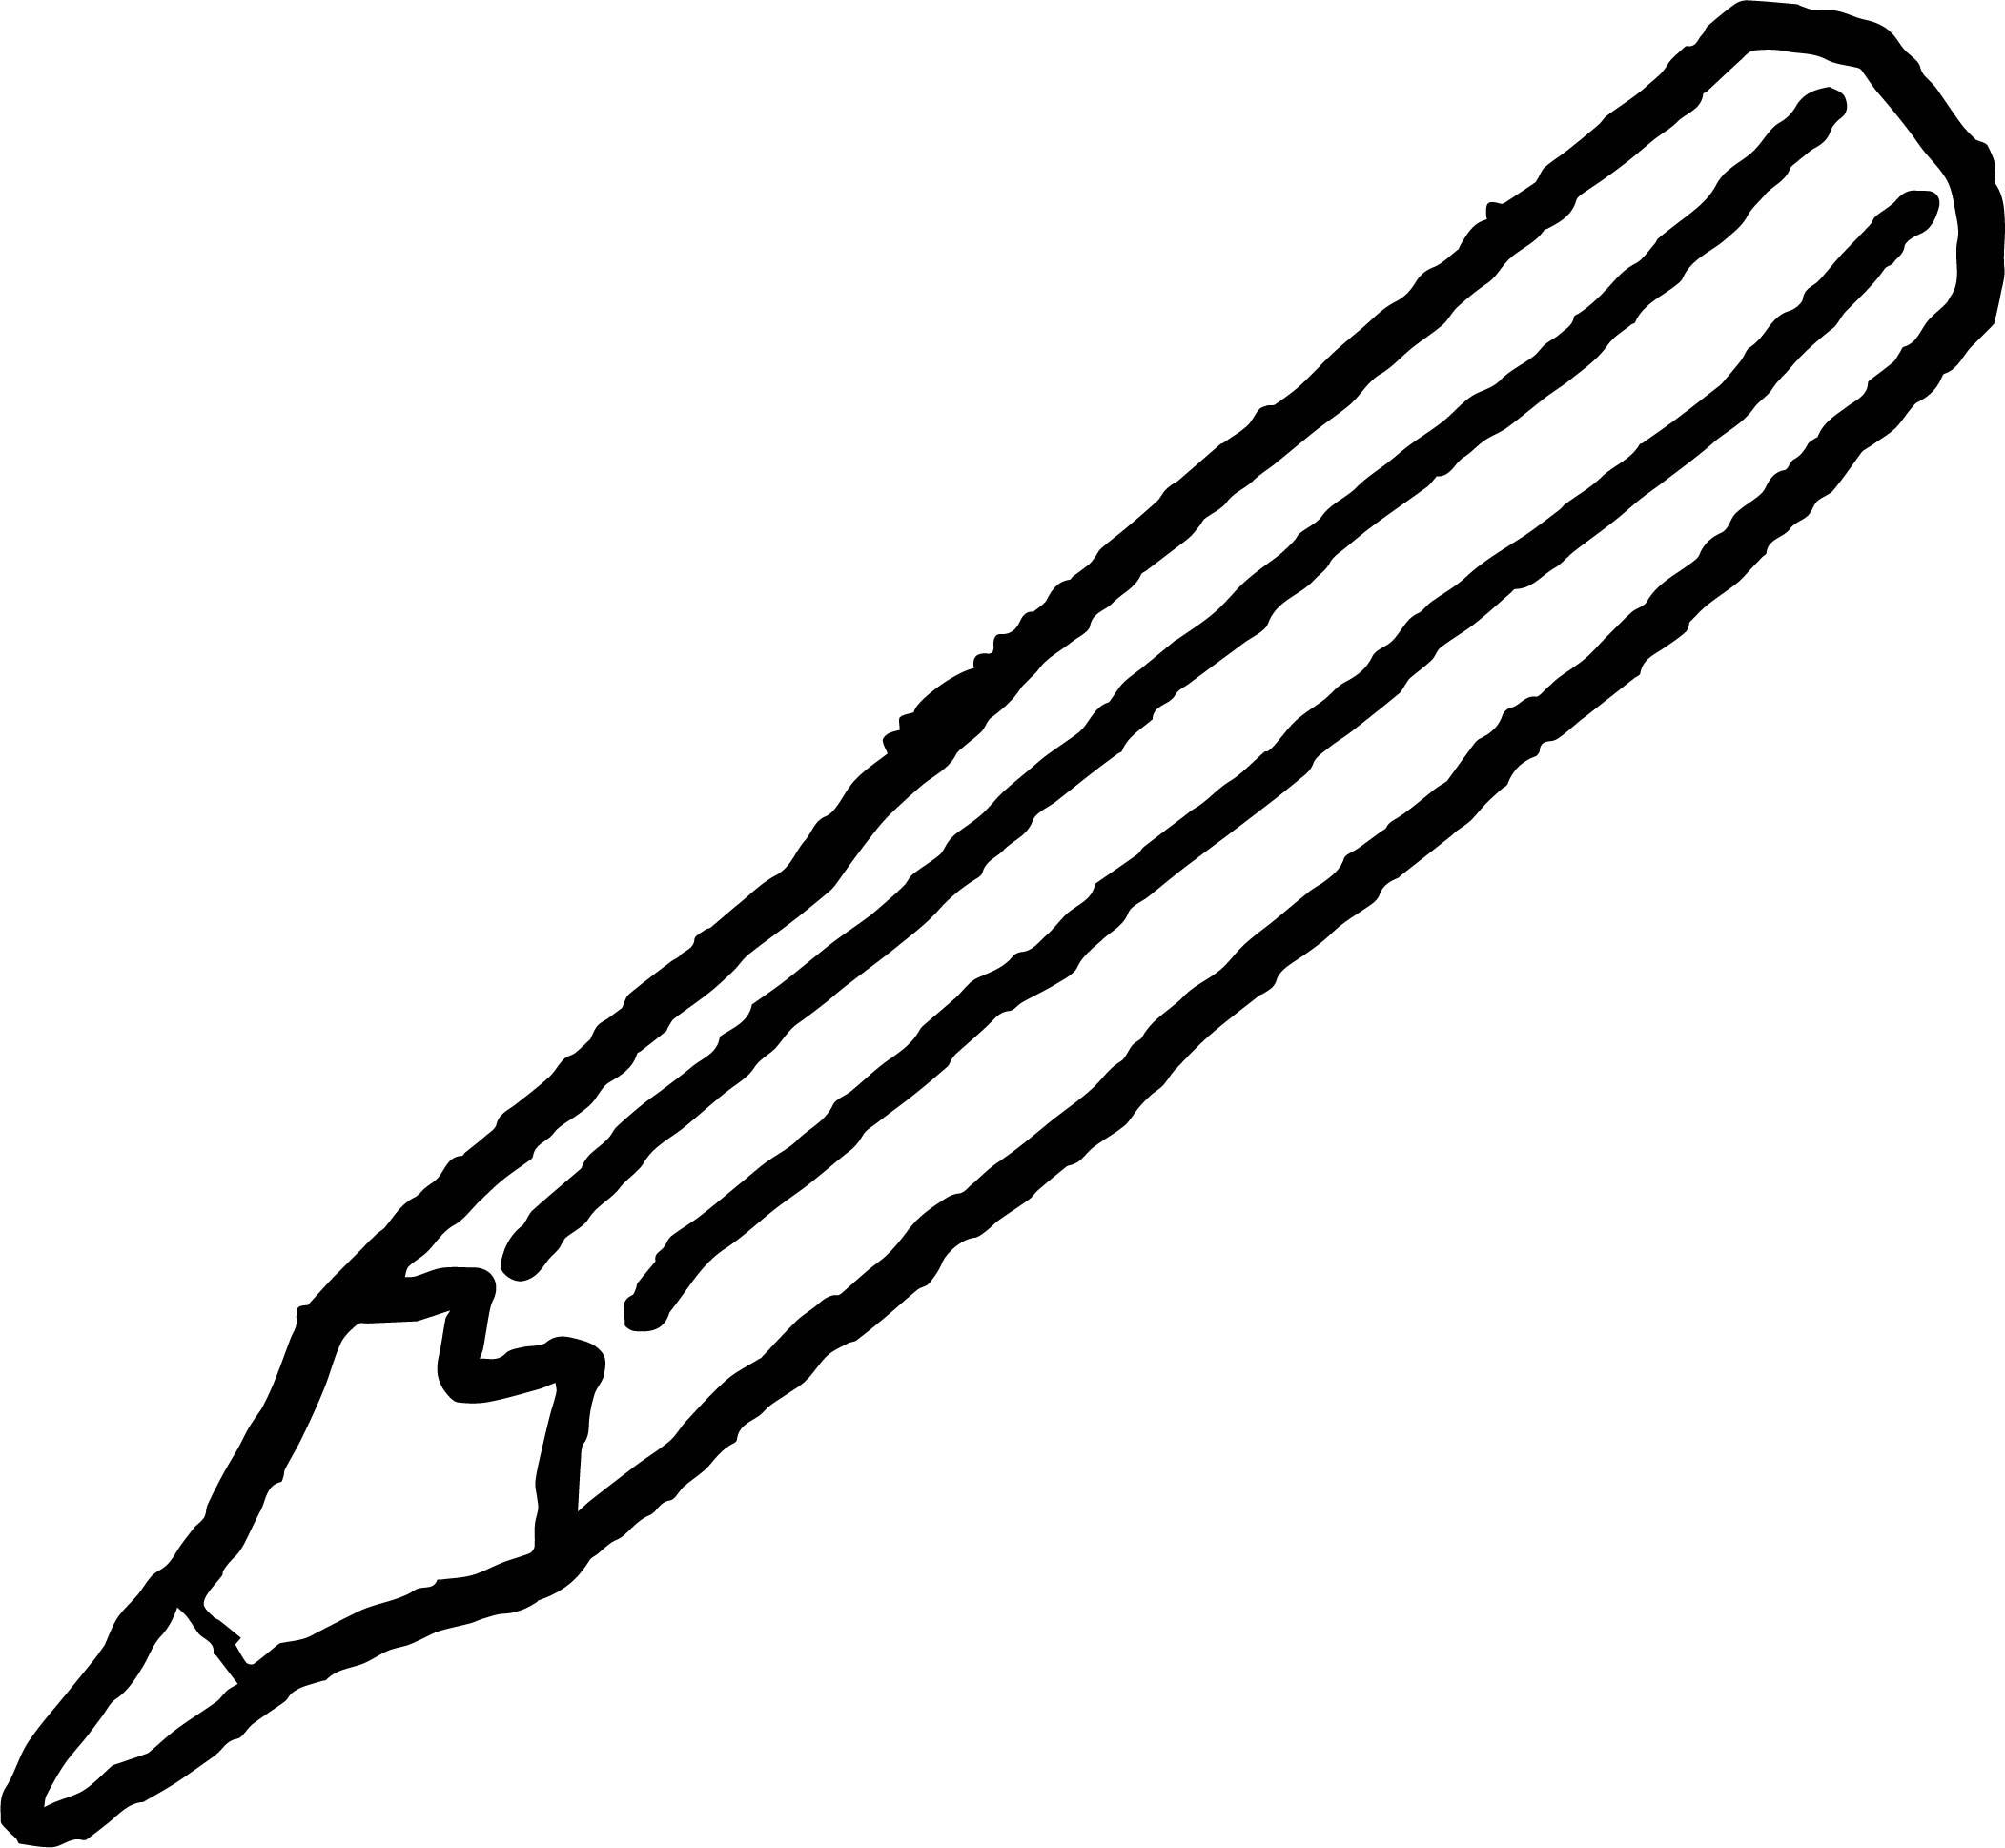 Crayon We Coloring Page 064